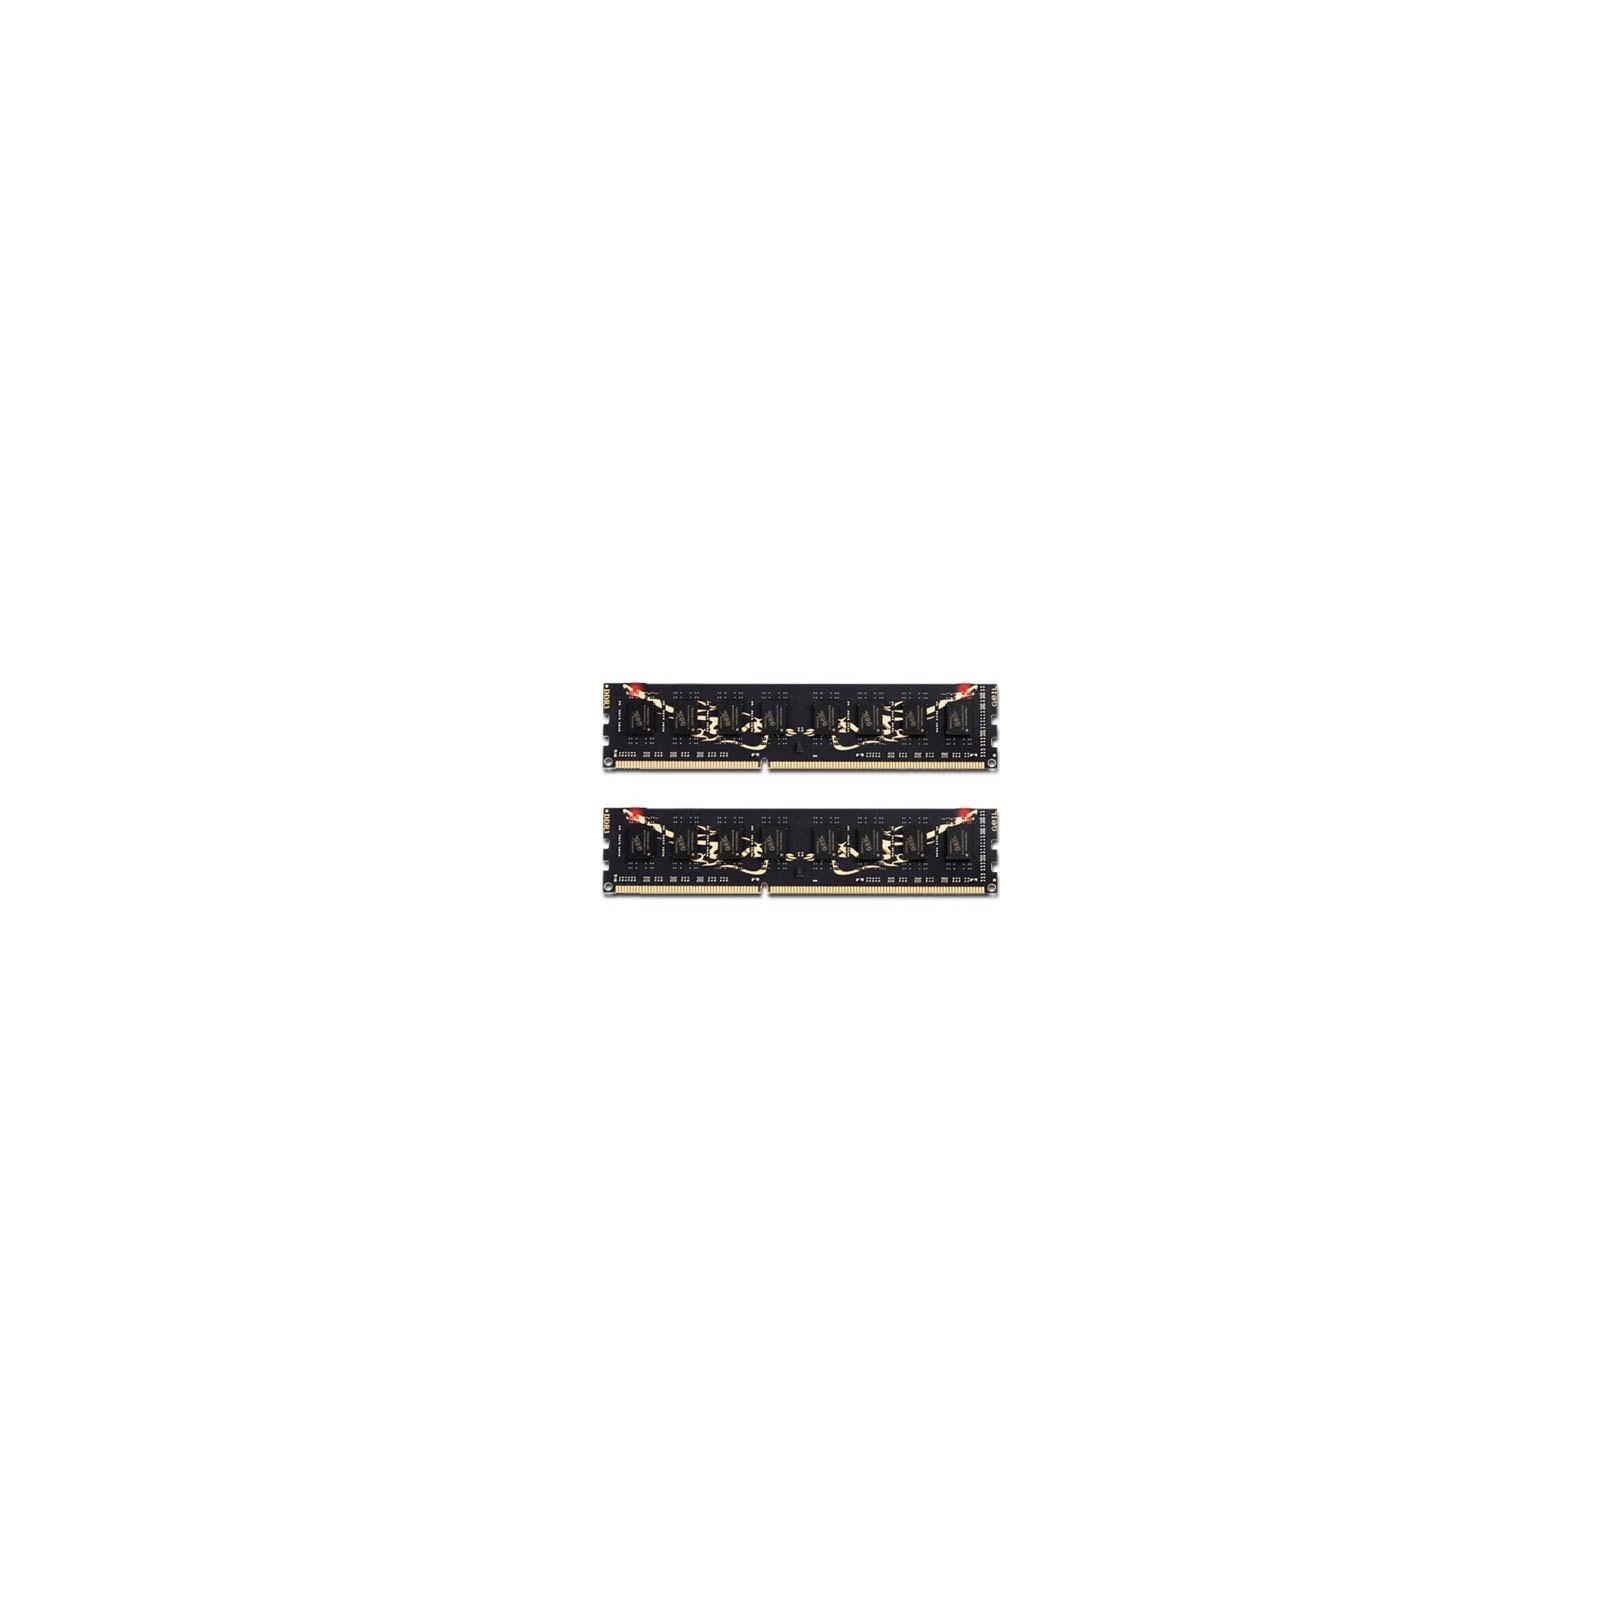 Модуль памяти для компьютера DDR3 8GB (2x4GB) 1600 MHz GEIL (GD38GB1600C11DC)